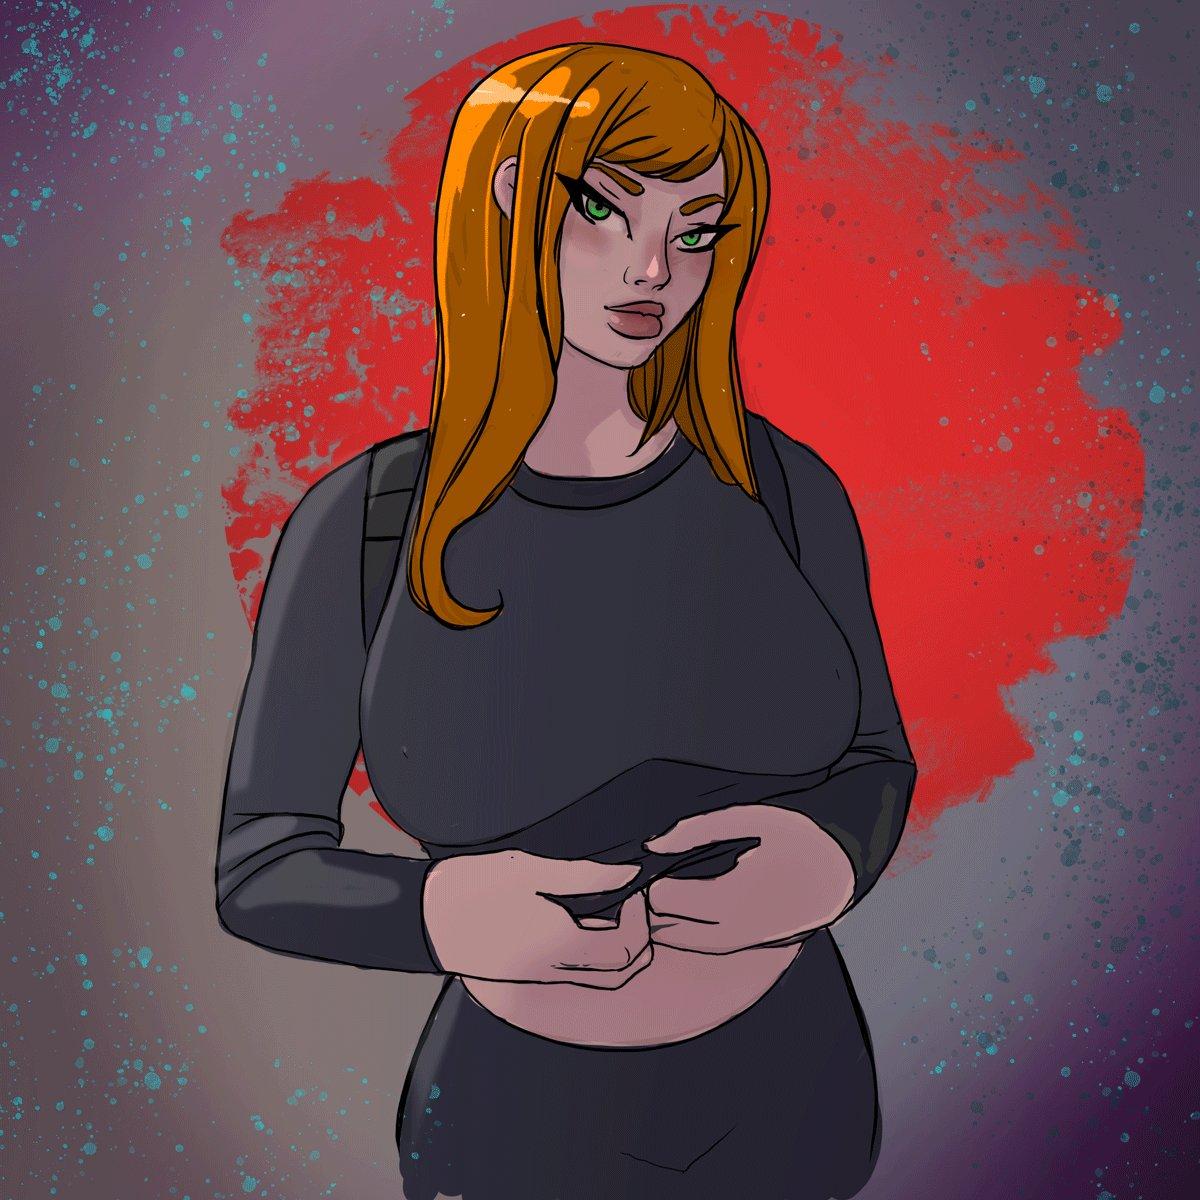 #animation body reference by  @JennaLynnMeowri